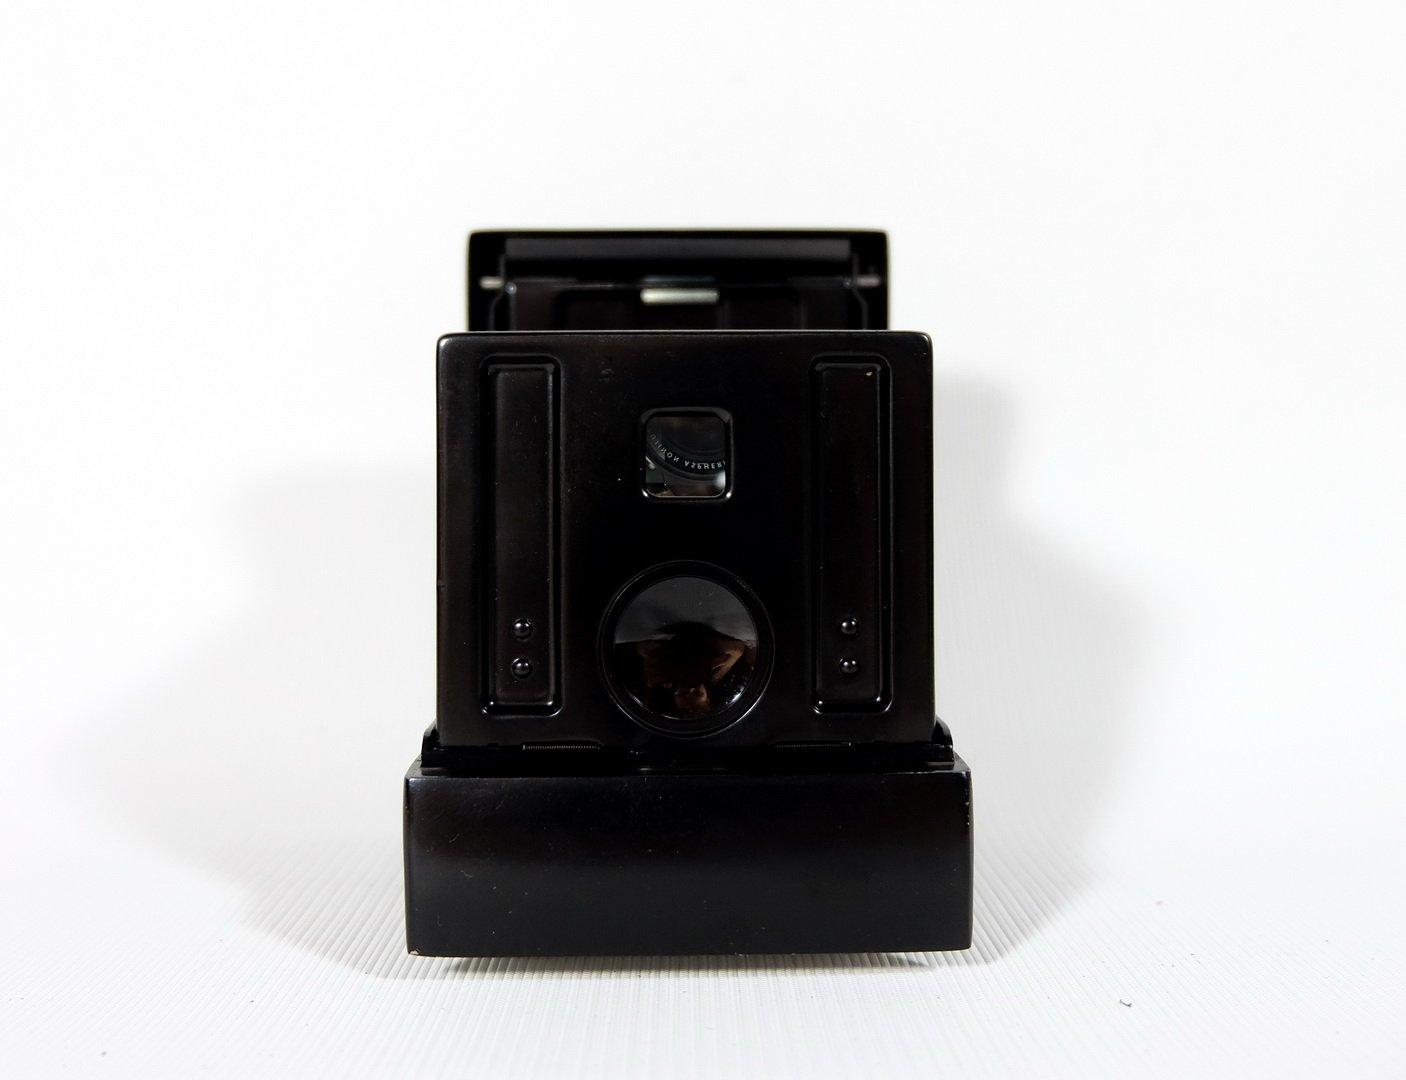 Катушка для киев фотоаппарат